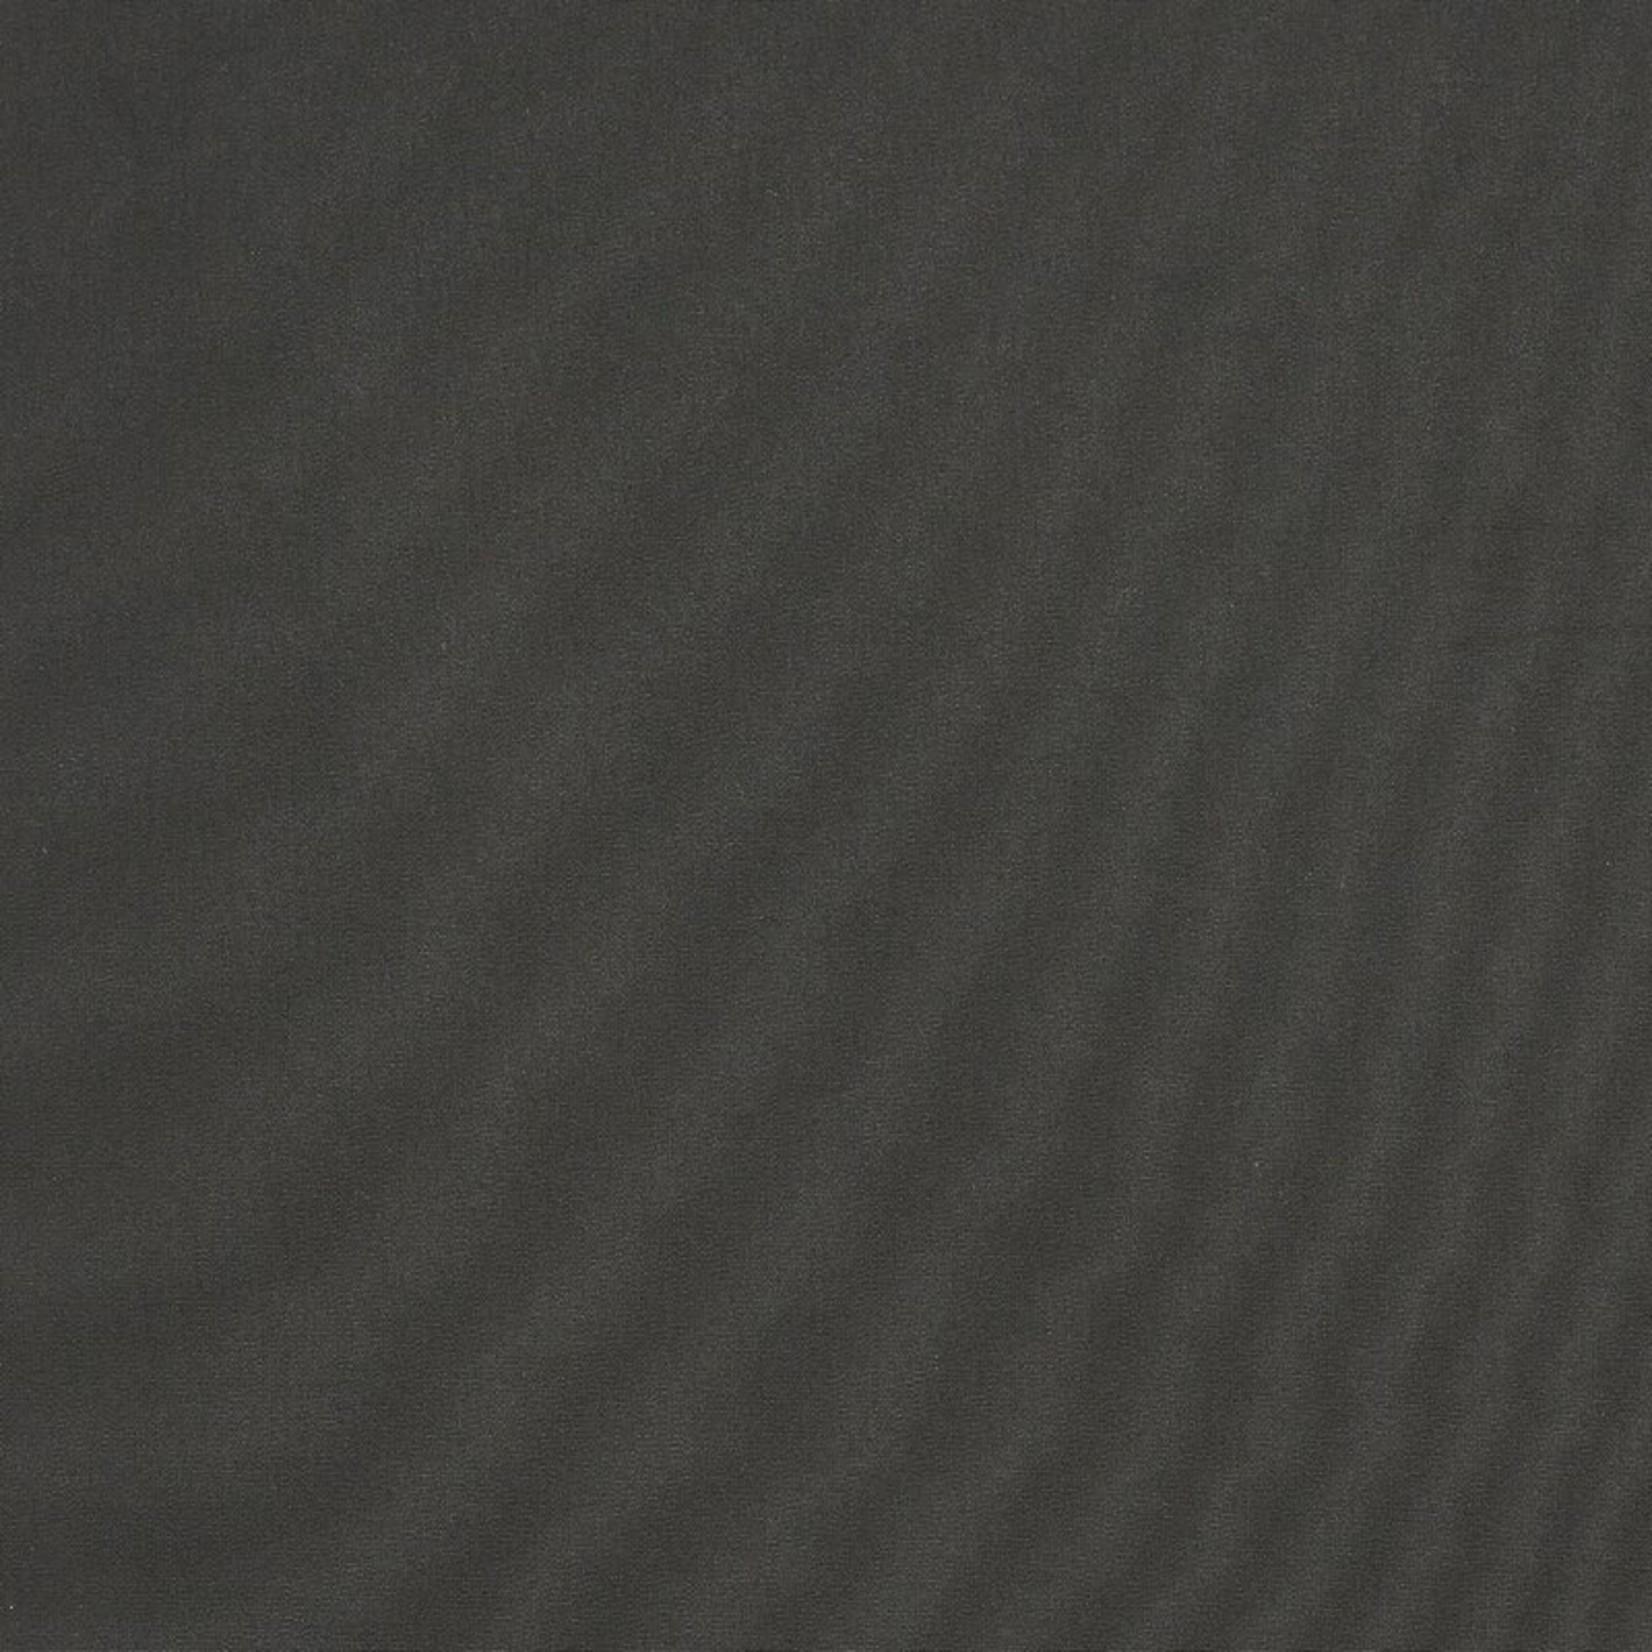 *Hinkson Indoor/Outdoor Floor Pillow - Black